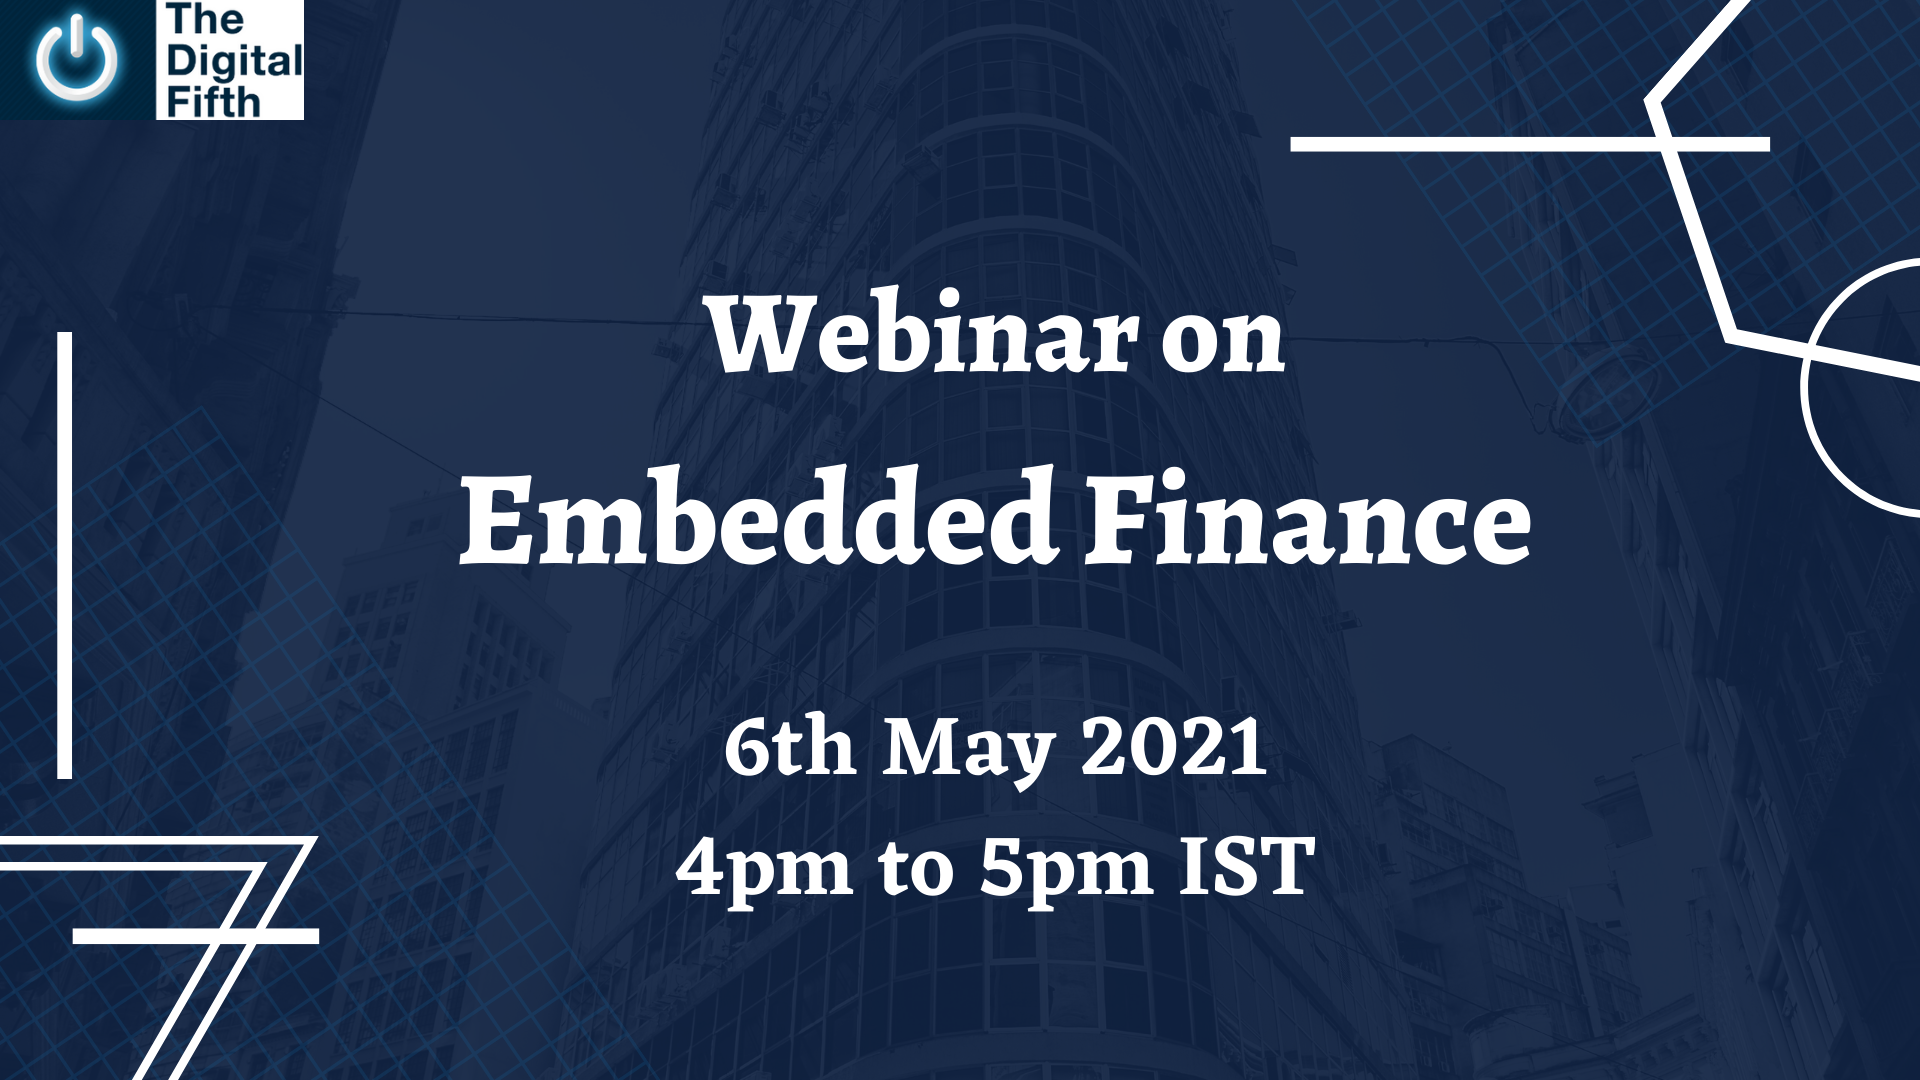 Embedded Finance Webinar